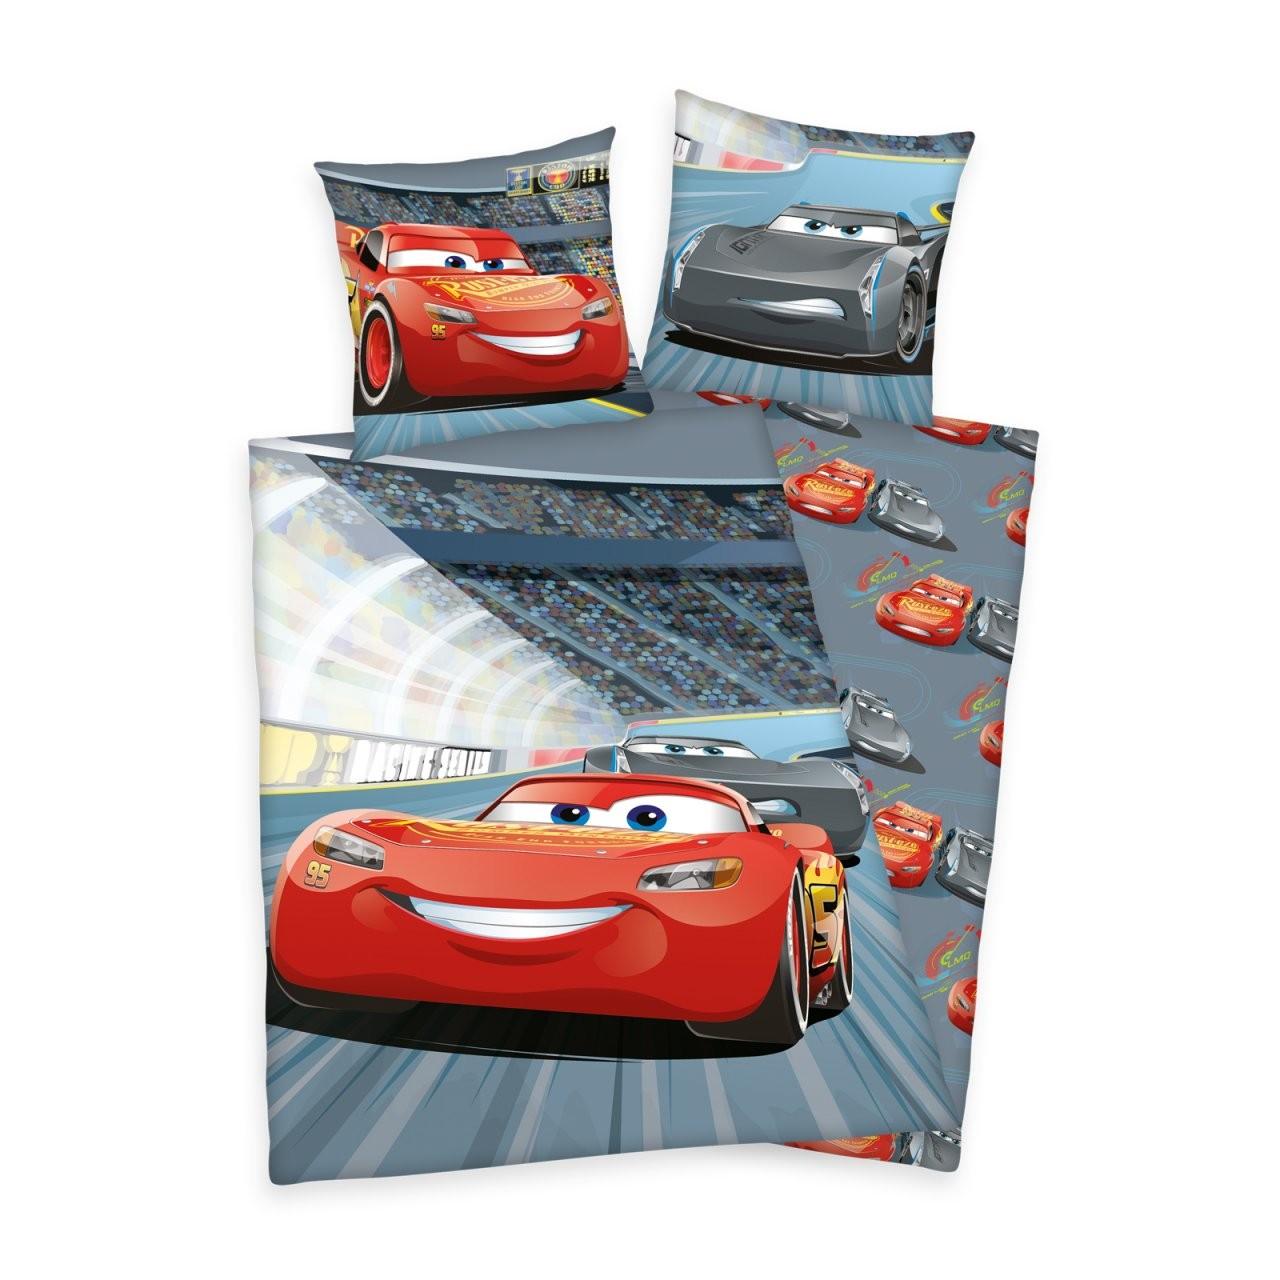 2 Tlg Renforce Kinder Bettwäsche 135X200 Cm Disney's Cars 3 1 von Bettwäsche Cars 135X200 Bild